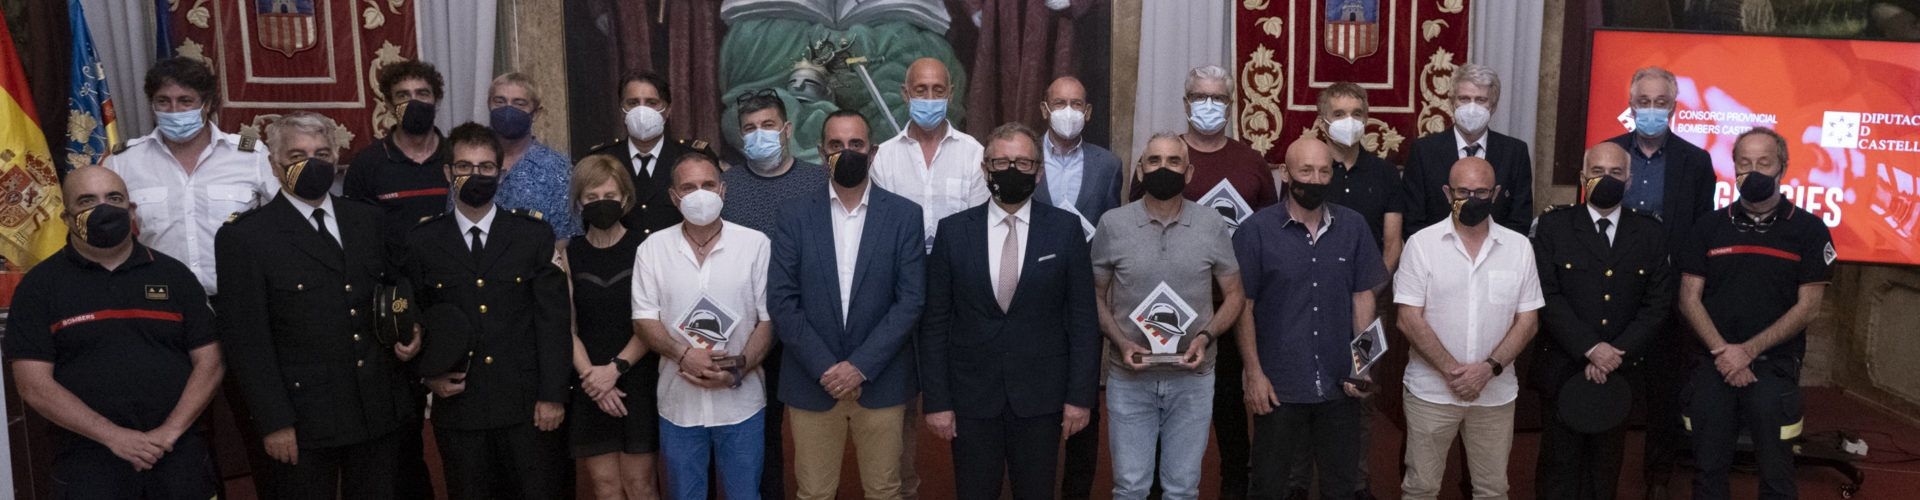 Bombers de Vinaròs, Benicarló, Xert i Salzadella entre els homenatjats per la Diputació per la seua jubilació